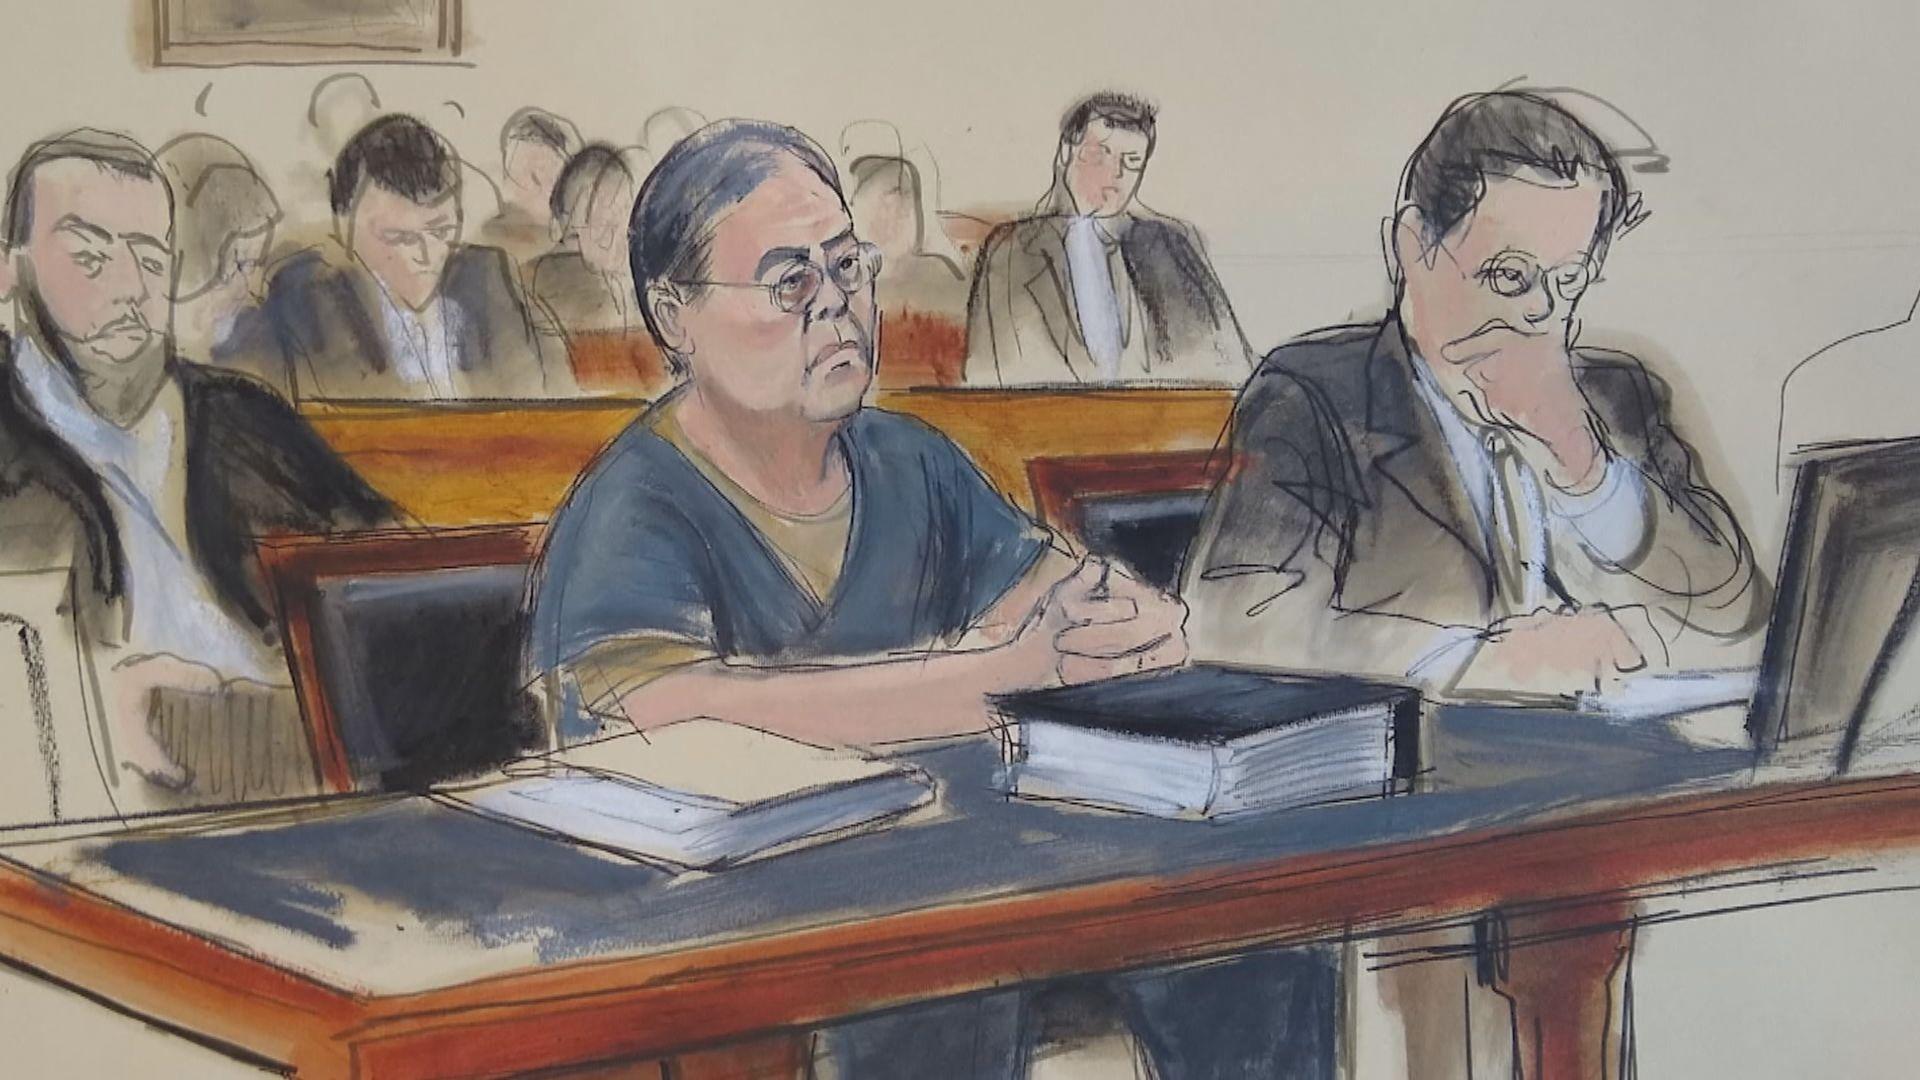 何志平案判刑較同類案例輕 辯方律師滿意結果